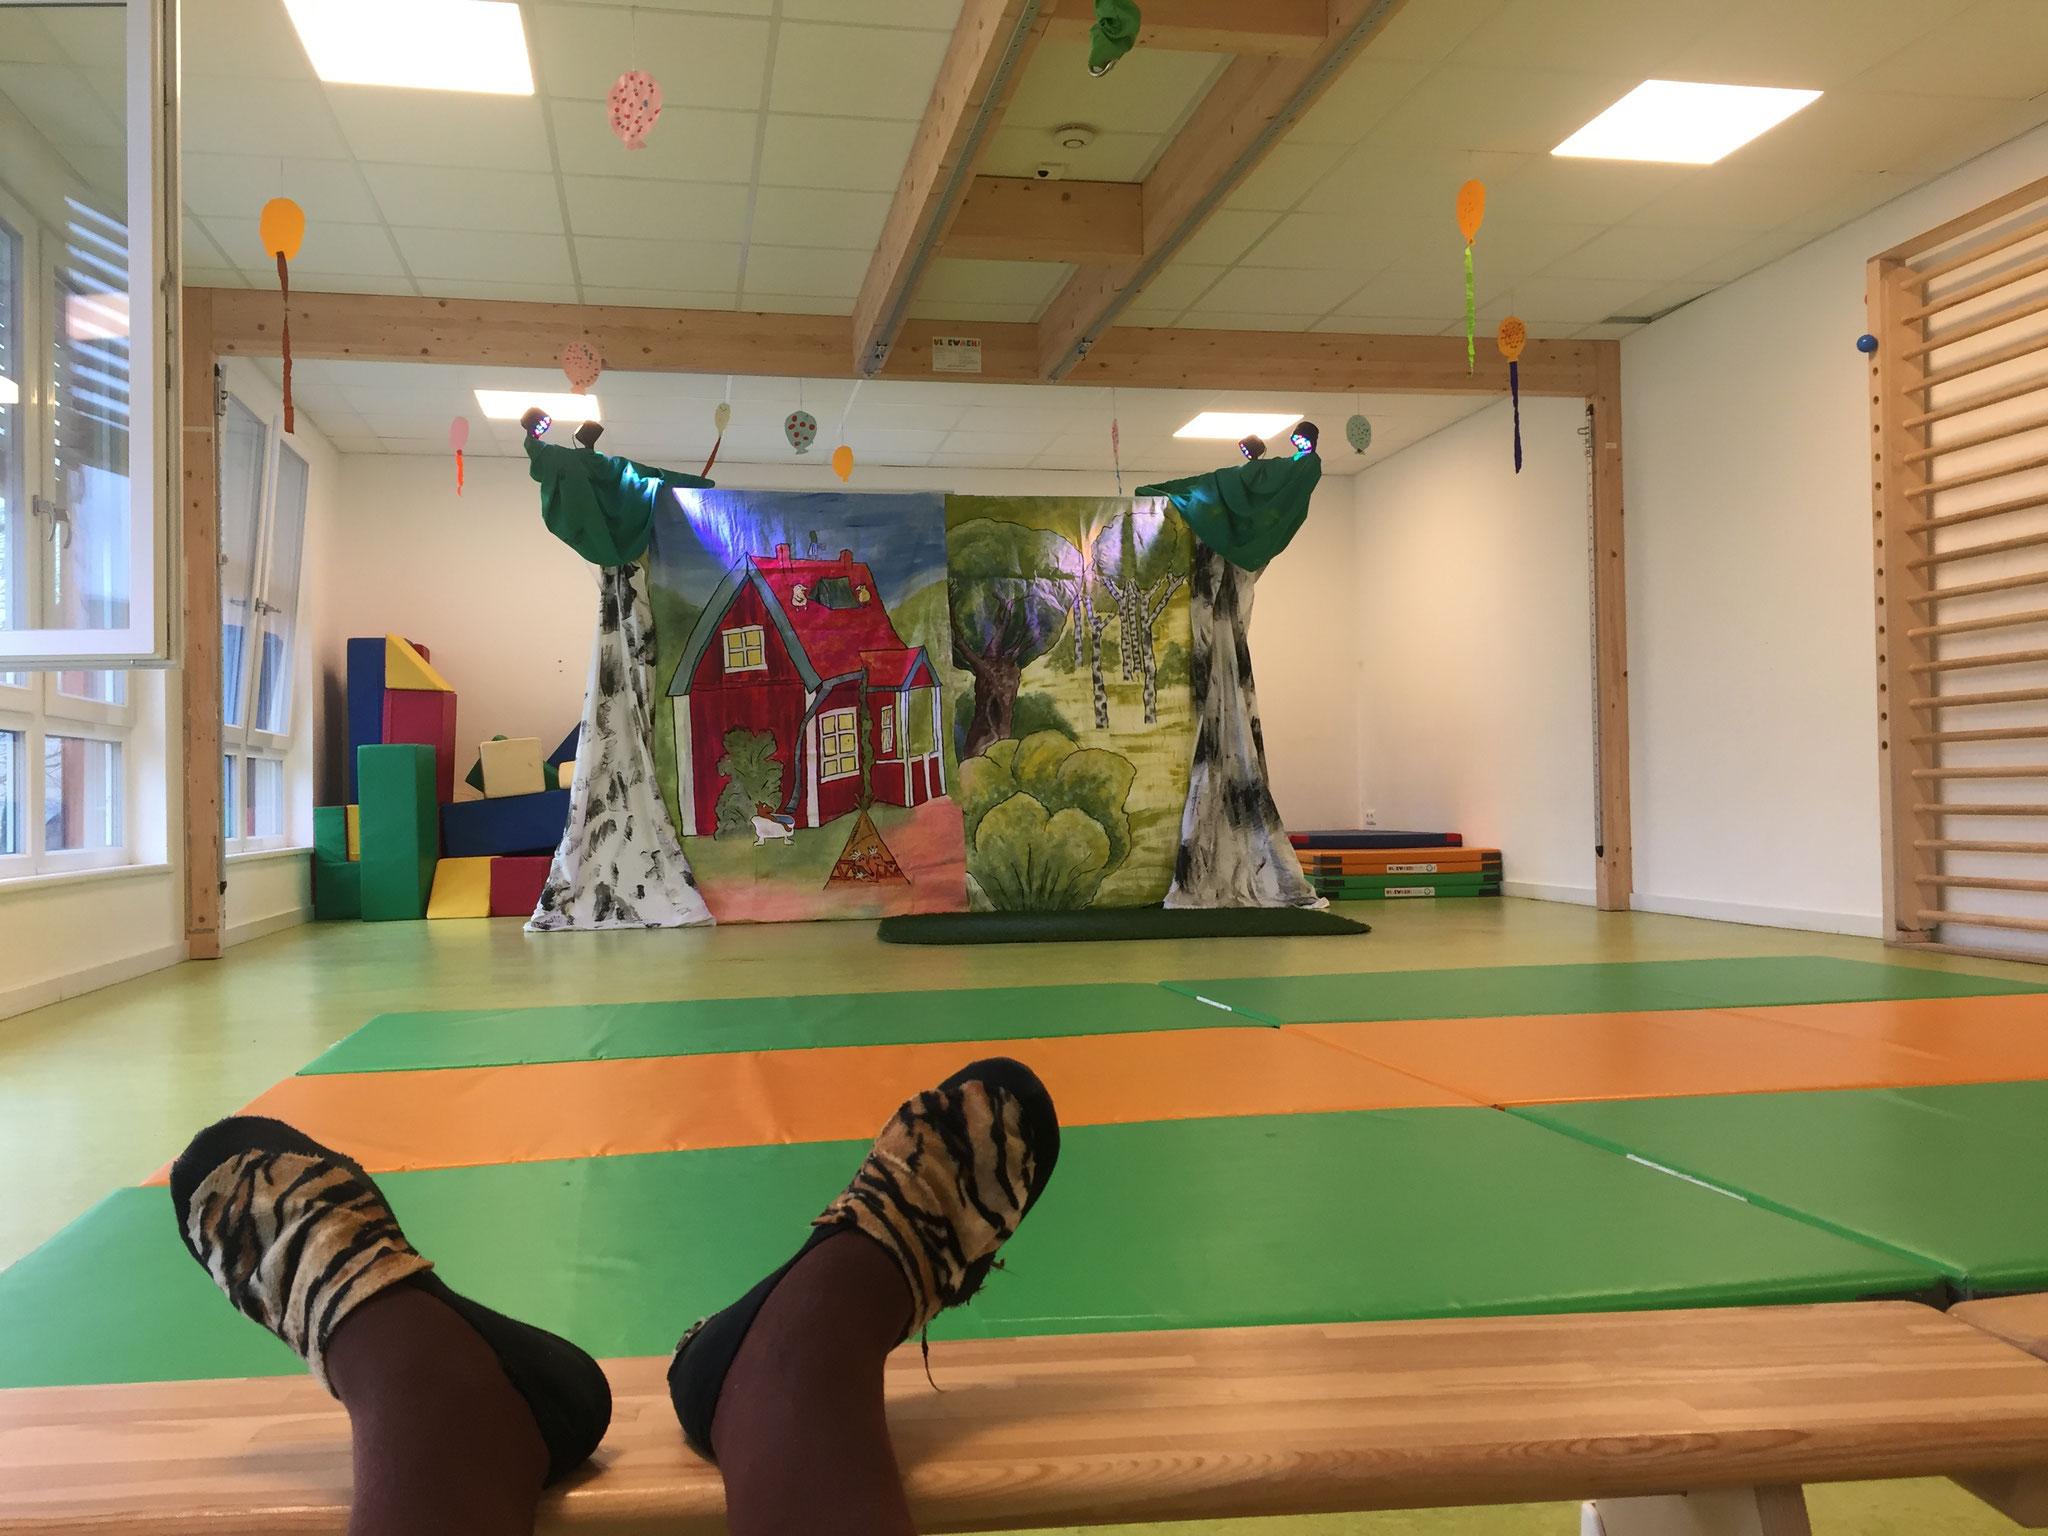 Kita Bewegungsraum, Platz für 200 Kinder